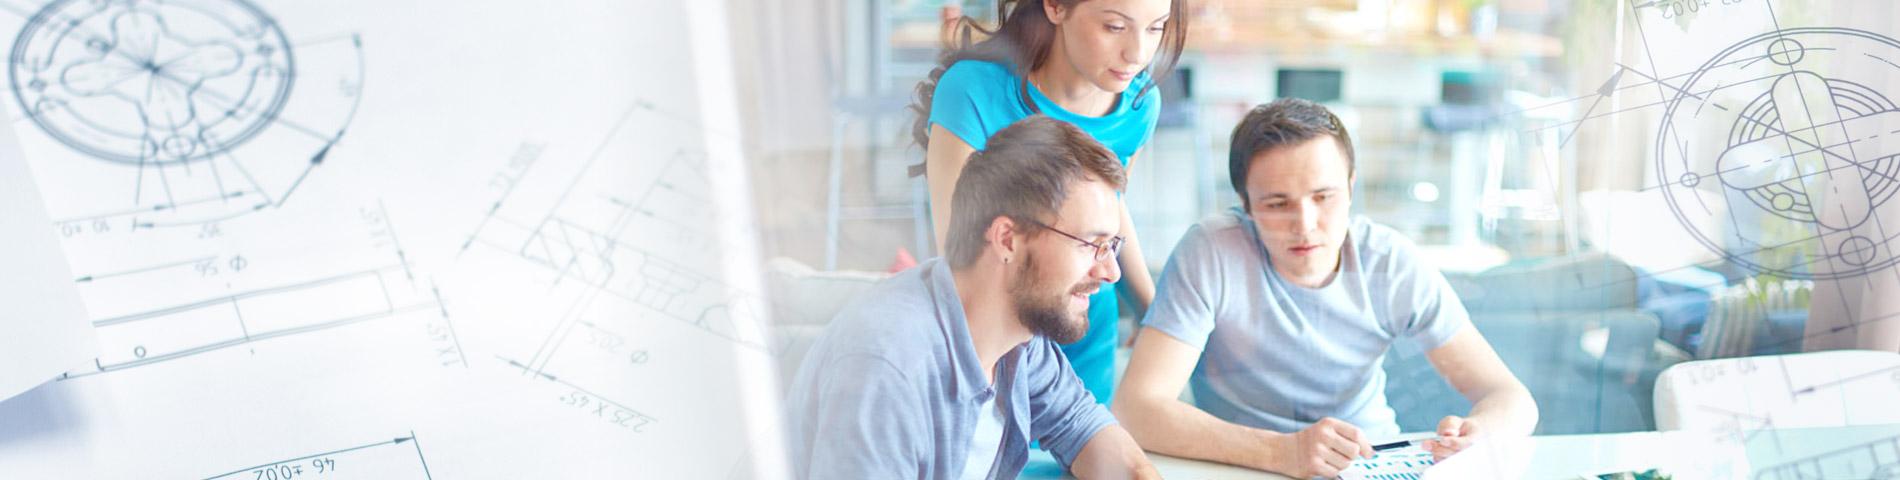 Tốt Dịch vụ hiệu quả RD. mọi người tập trung vào việc sửa đổi đơn vị tiêu chuẩn hoặc thiết kế mới của sản phẩm cho khách hàng để đáp ứng nhu cầu thị trường.